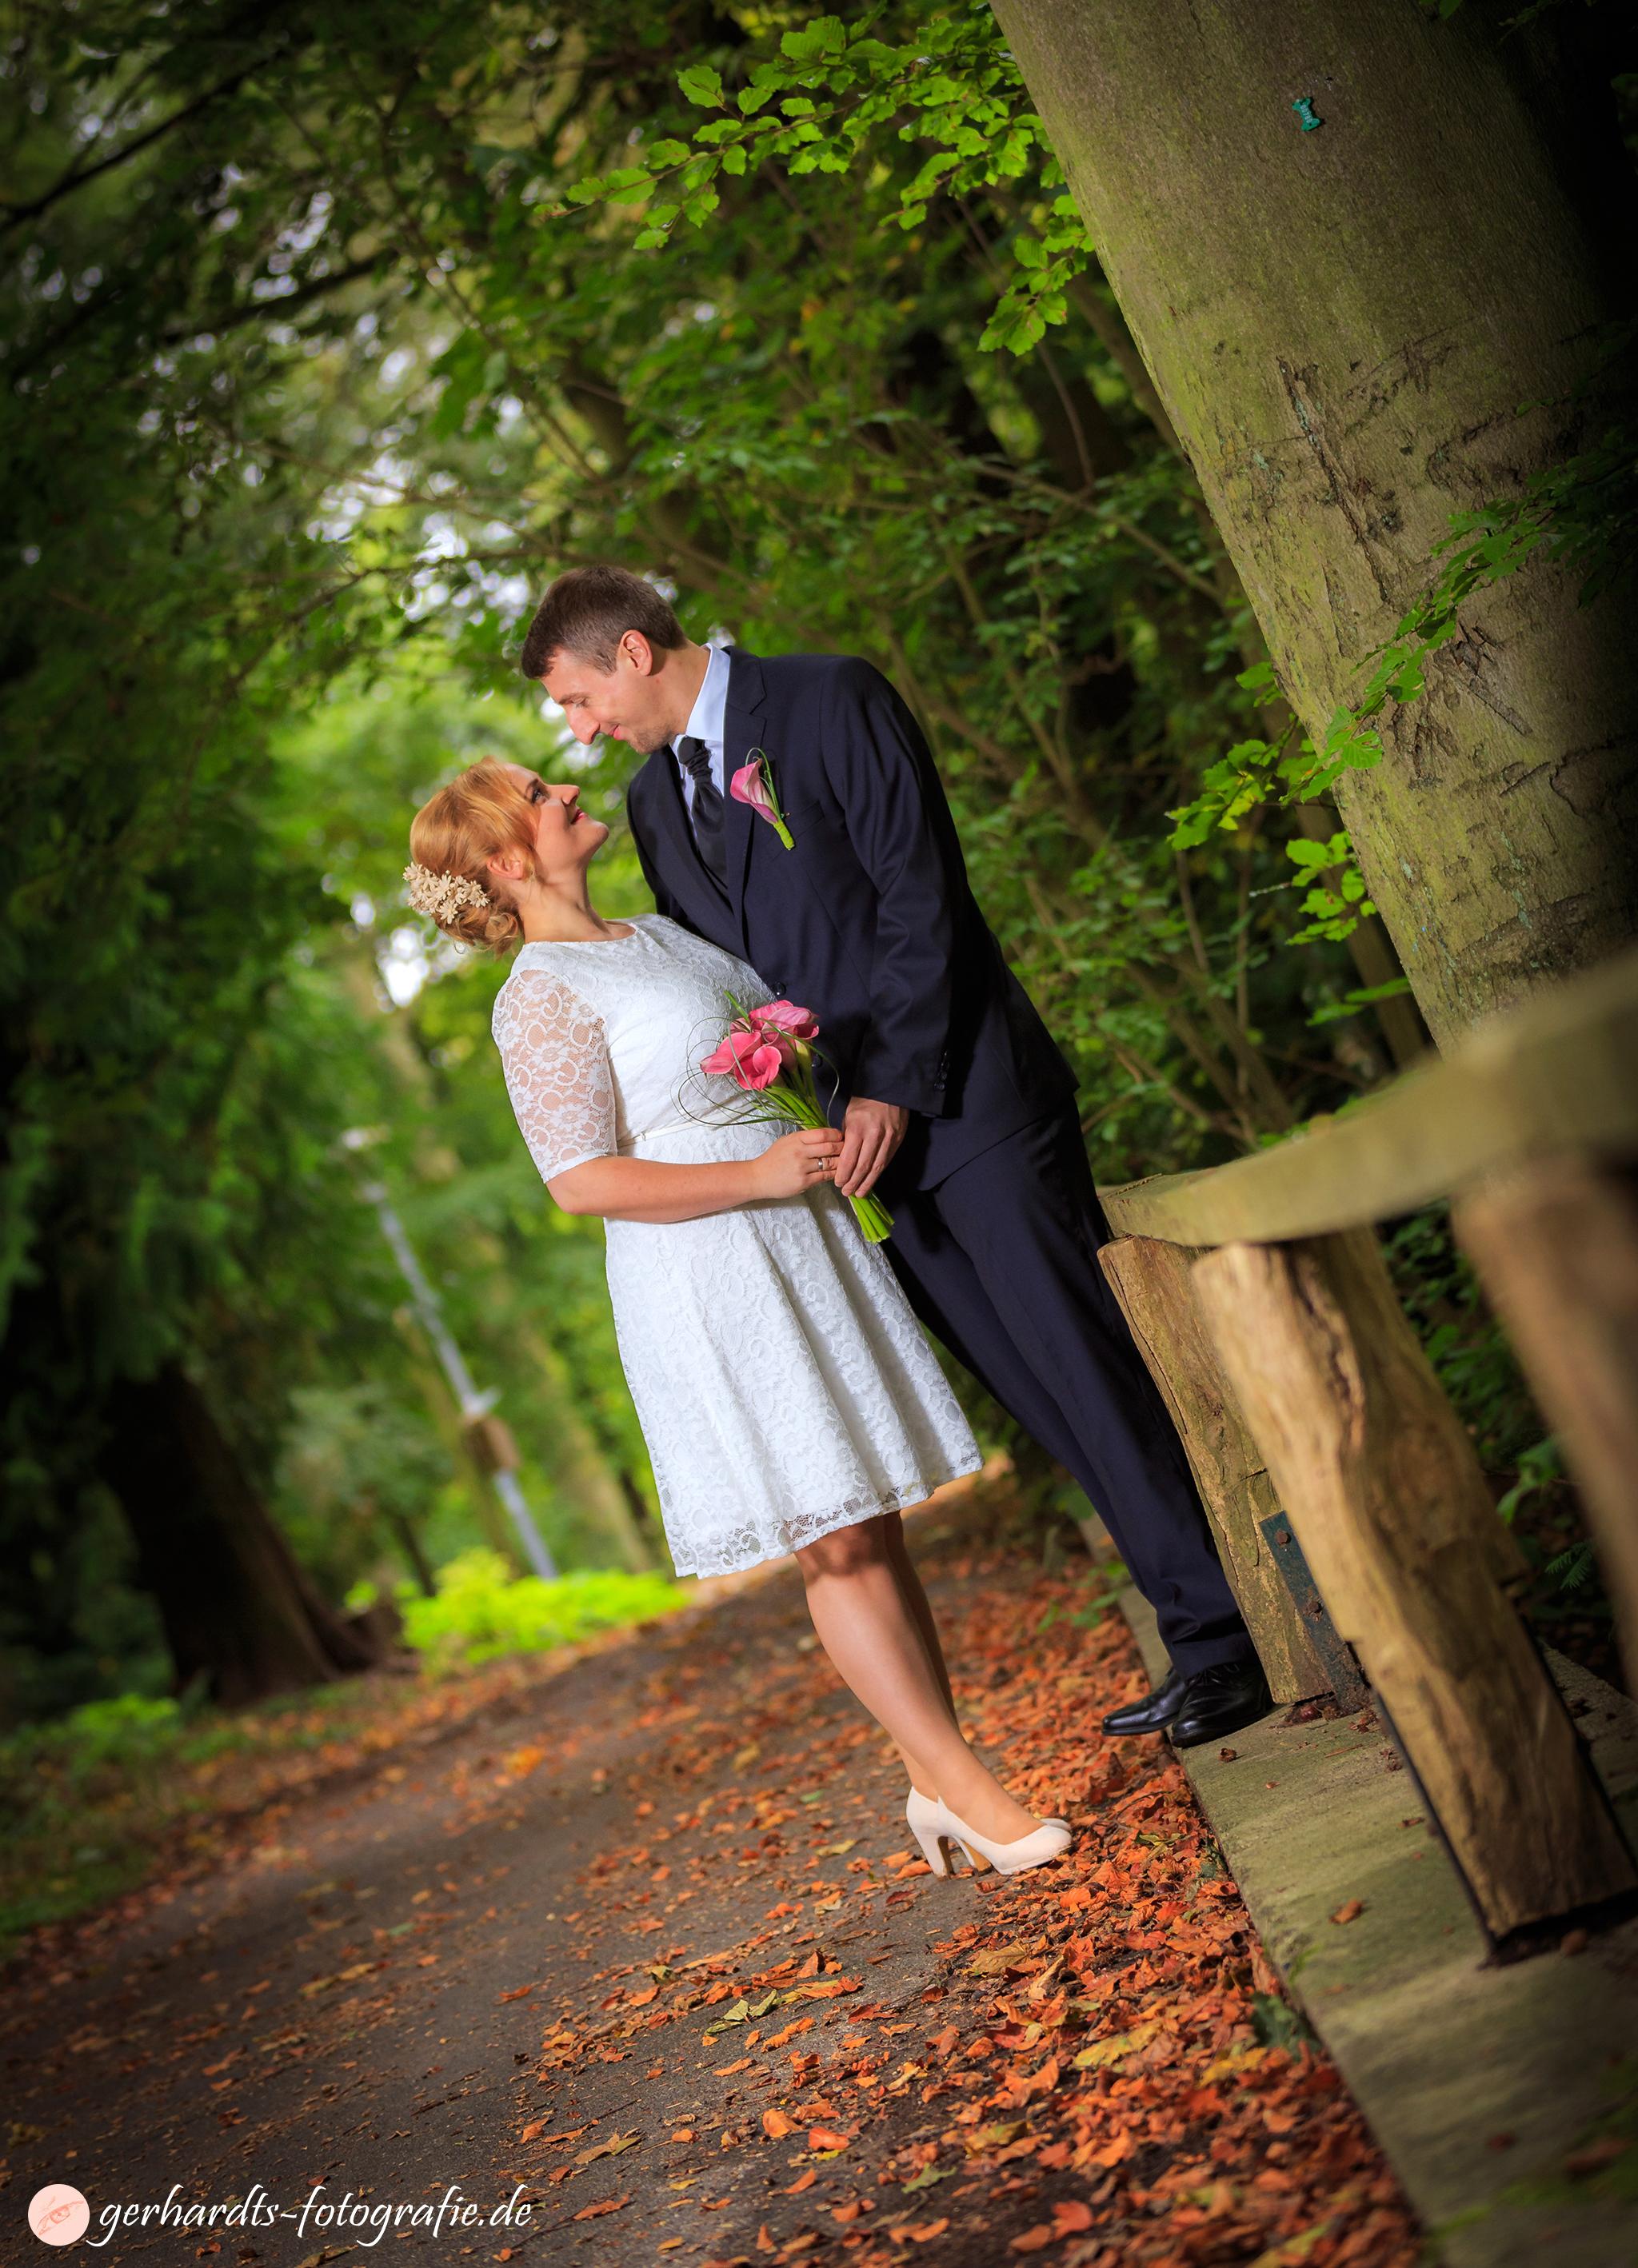 Hochzeitsfotos Liisa & Markus 3 Hochzeitsfotograf Göttingen